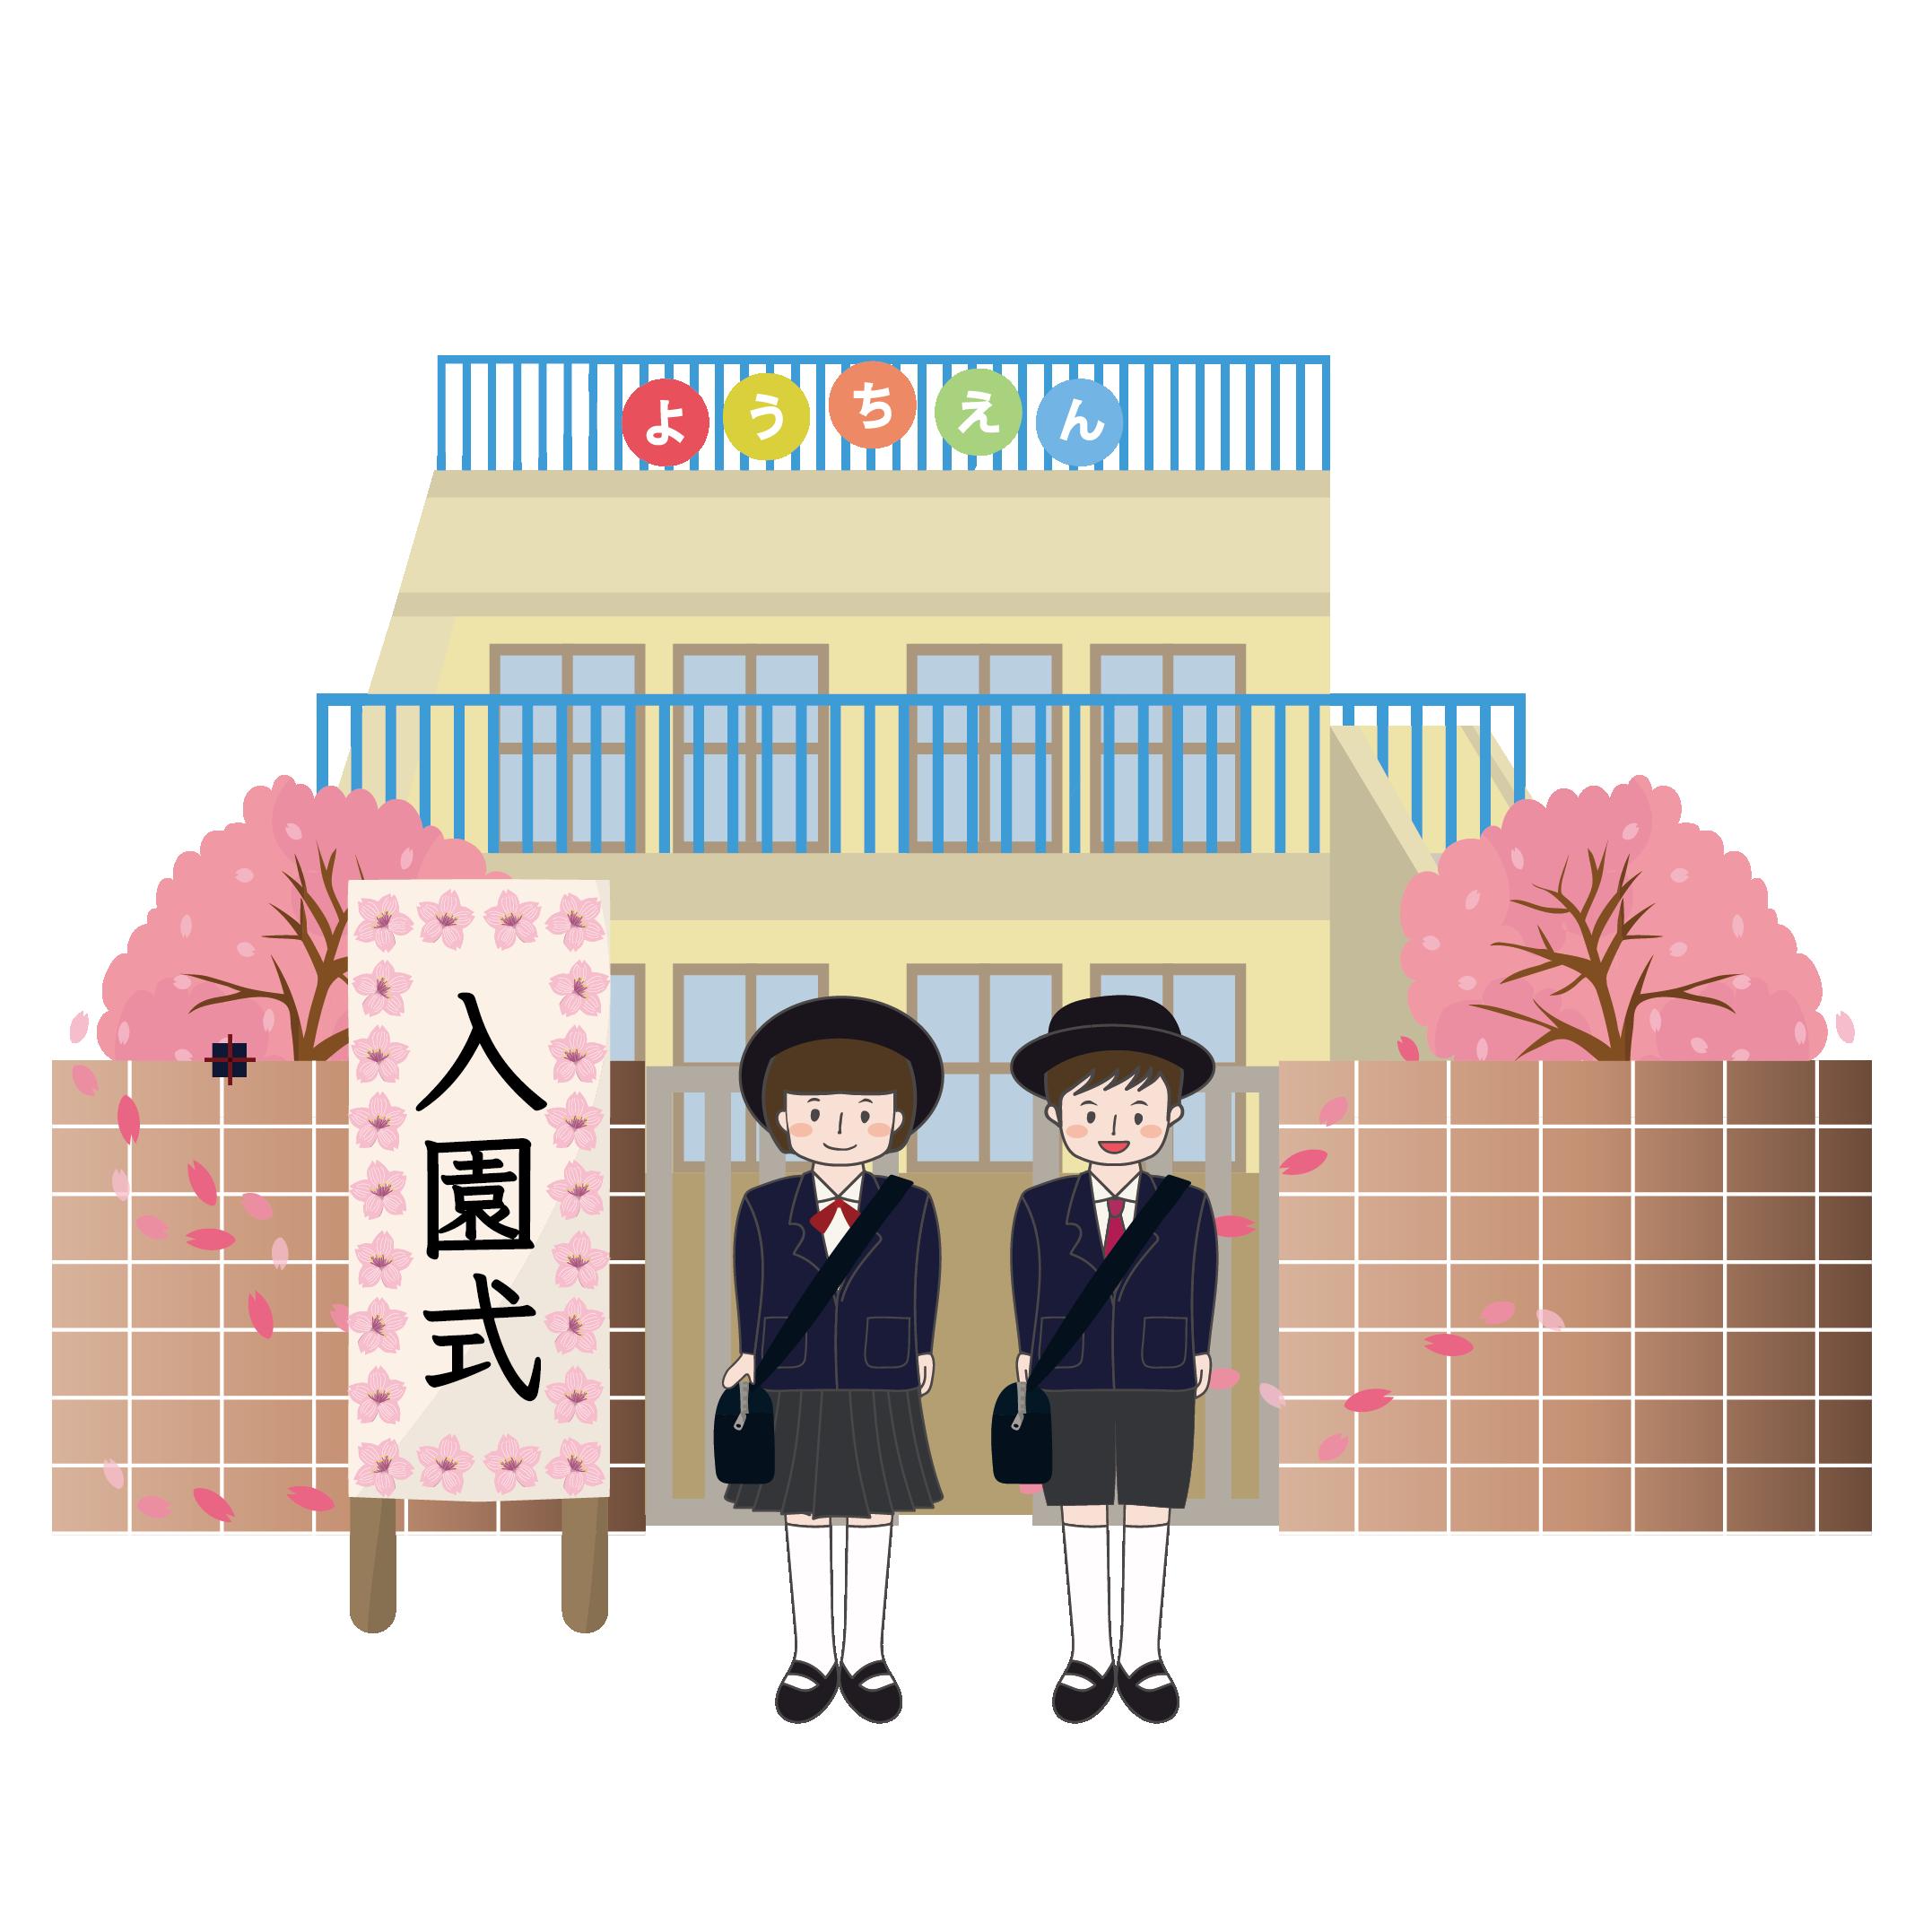 桜(さくら)と幼稚園♪ 入園式の 無料(フリー)イラスト!